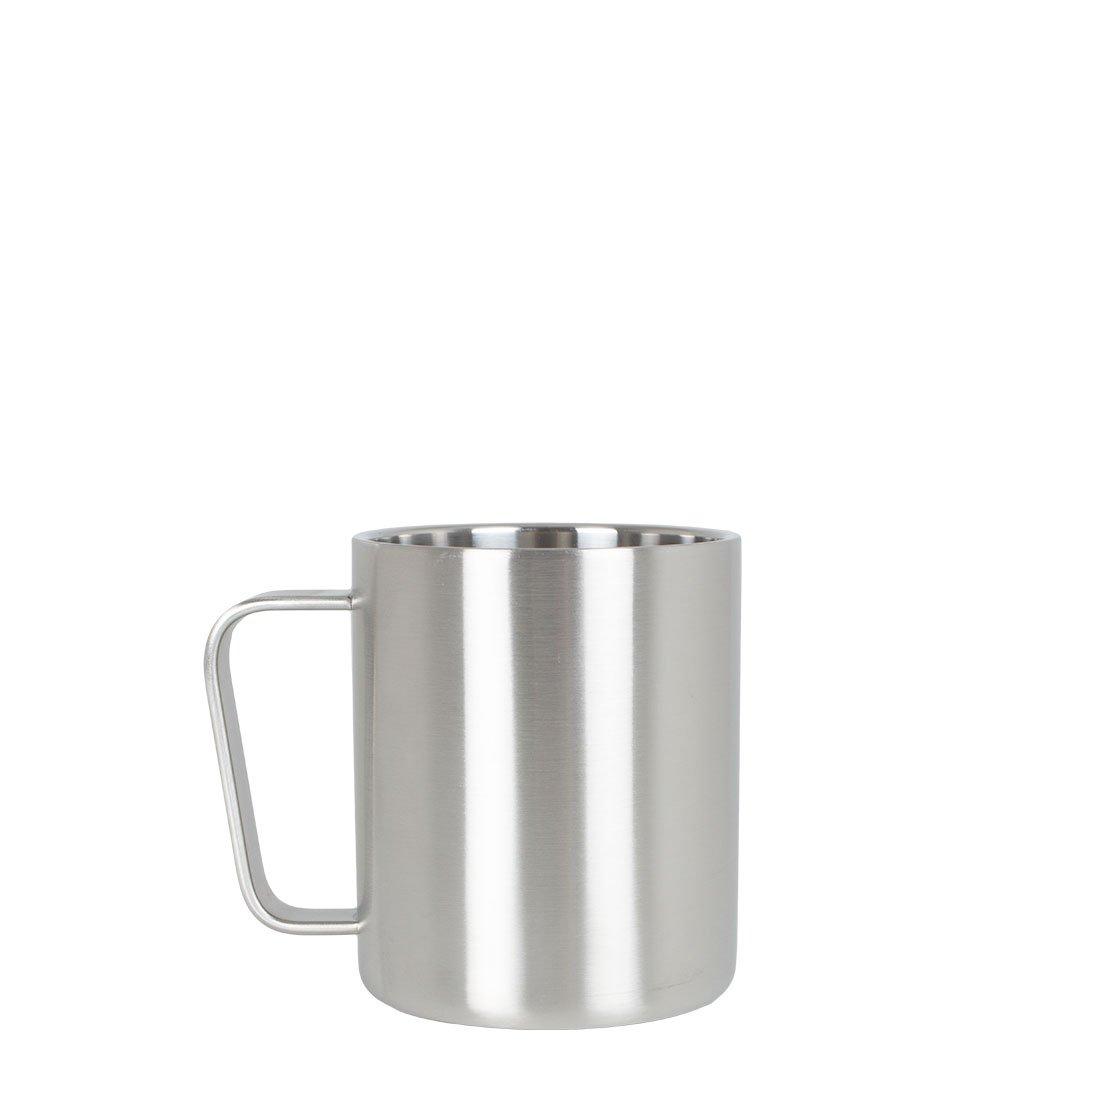 stainless steel camping mug camping mug lifeventure. Black Bedroom Furniture Sets. Home Design Ideas